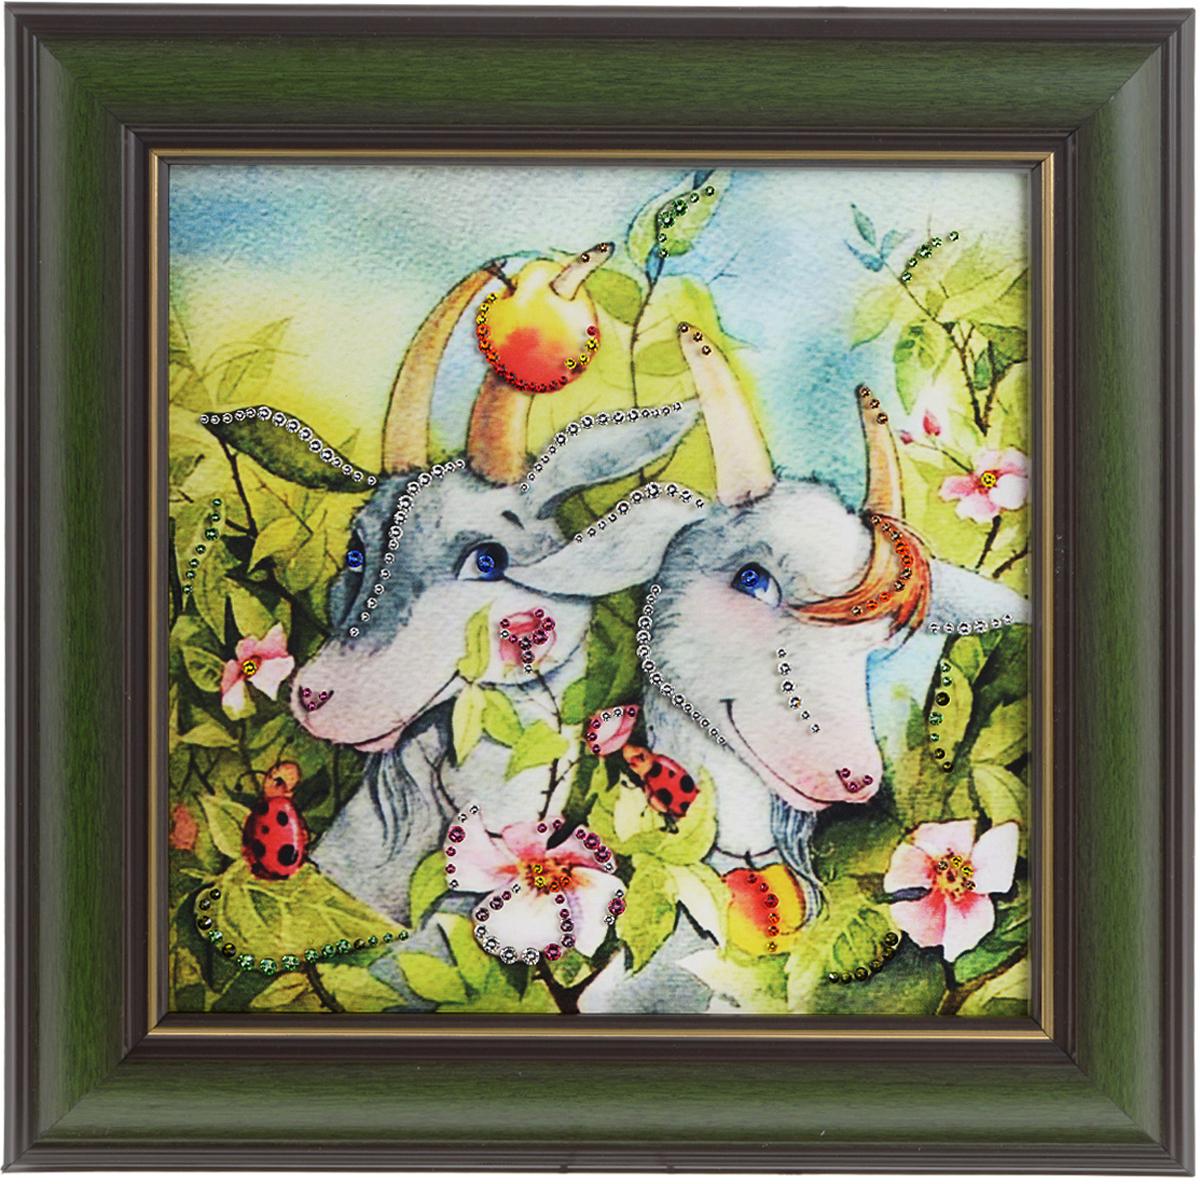 Картина с кристаллами Swarovski Рогатая нежность, 33 х 33 см1548Изящная картина в багетной раме, инкрустирована кристаллами Swarovski, которые отличаются четкой и ровной огранкой, ярким блеском и чистотой цвета. Красочное изображение козликов, расположенное на внутренней стороне стекла, прекрасно дополняет блеск кристаллов. С обратной стороны имеется металлическая проволока для размещения картины на стене. Картина с кристаллами Swarovski Рогатая нежность элегантно украсит интерьер дома или офиса, а также станет прекрасным подарком, который обязательно понравится получателю. Блеск кристаллов в интерьере, что может быть сказочнее и удивительнее. Картина упакована в подарочную картонную коробку синего цвета и комплектуется сертификатом соответствия Swarovski.